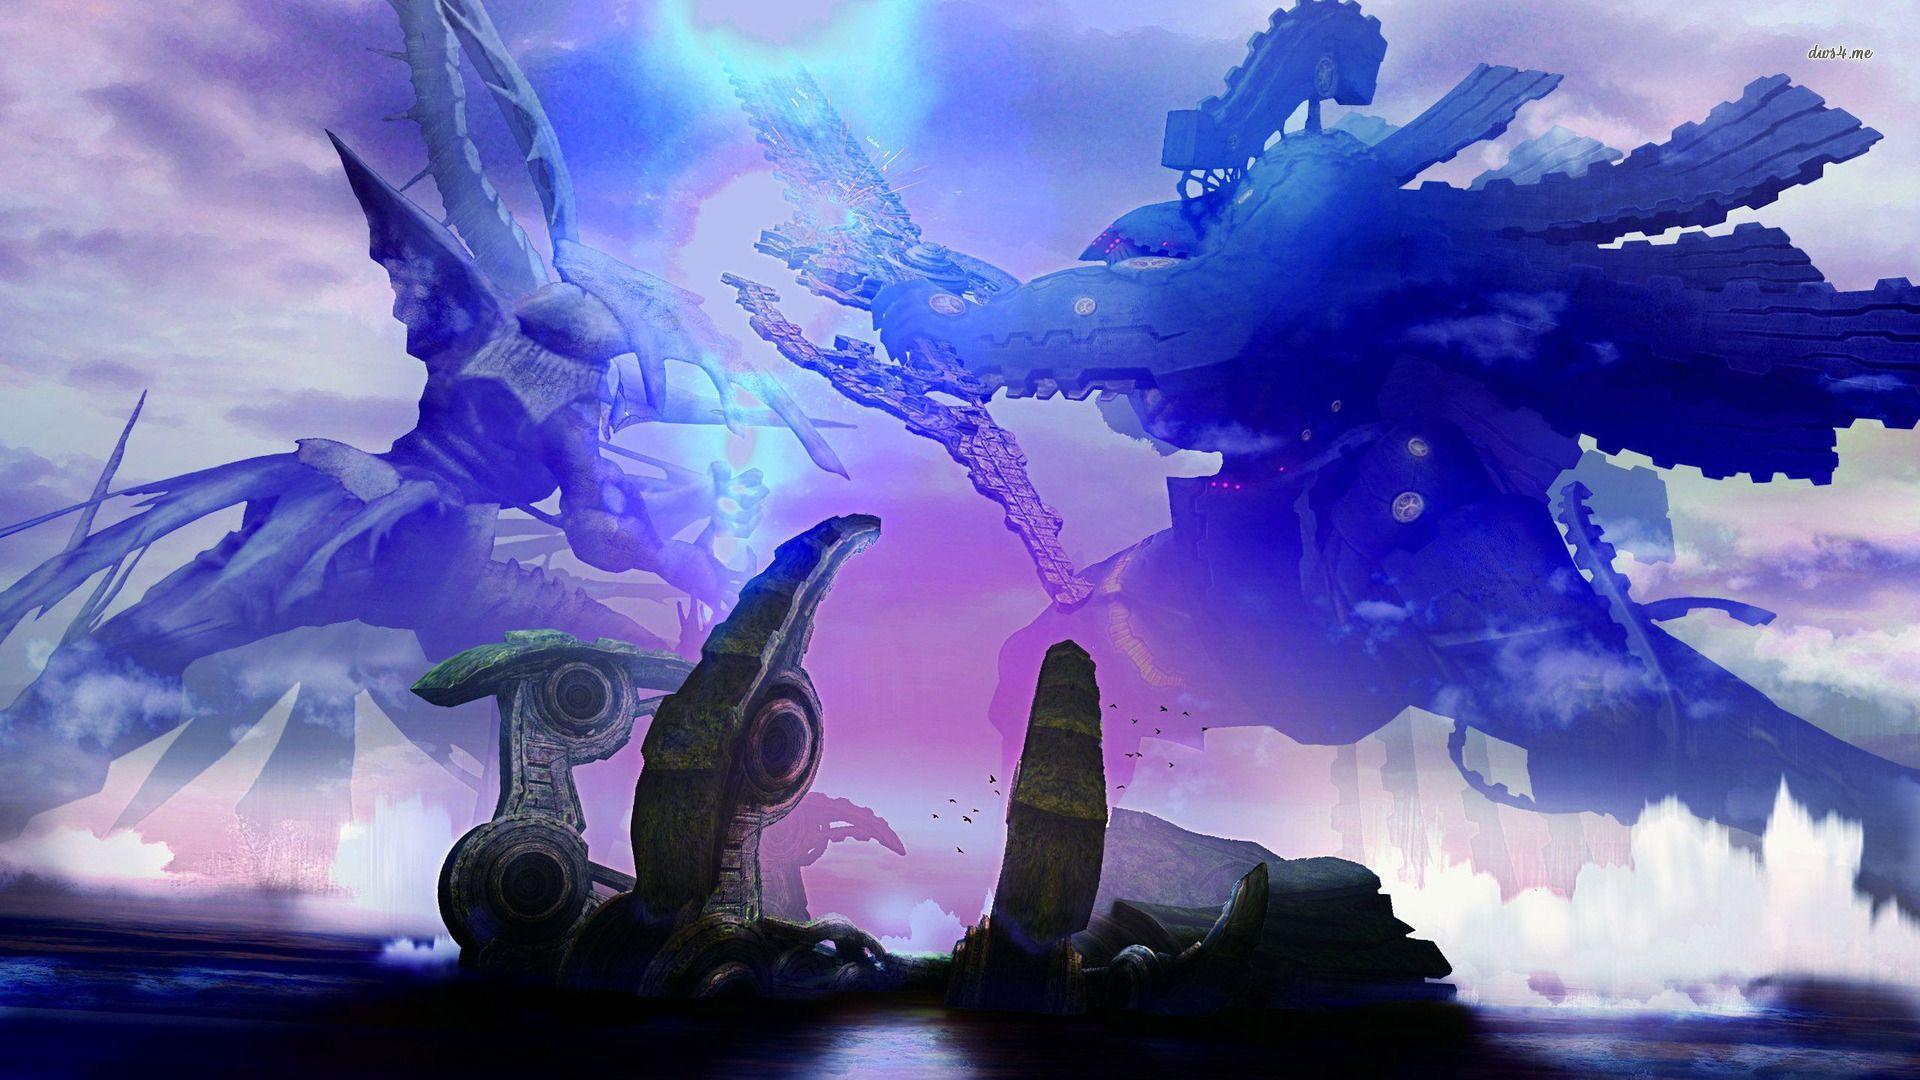 Xenoblade Wallpapers Top Free Xenoblade Backgrounds